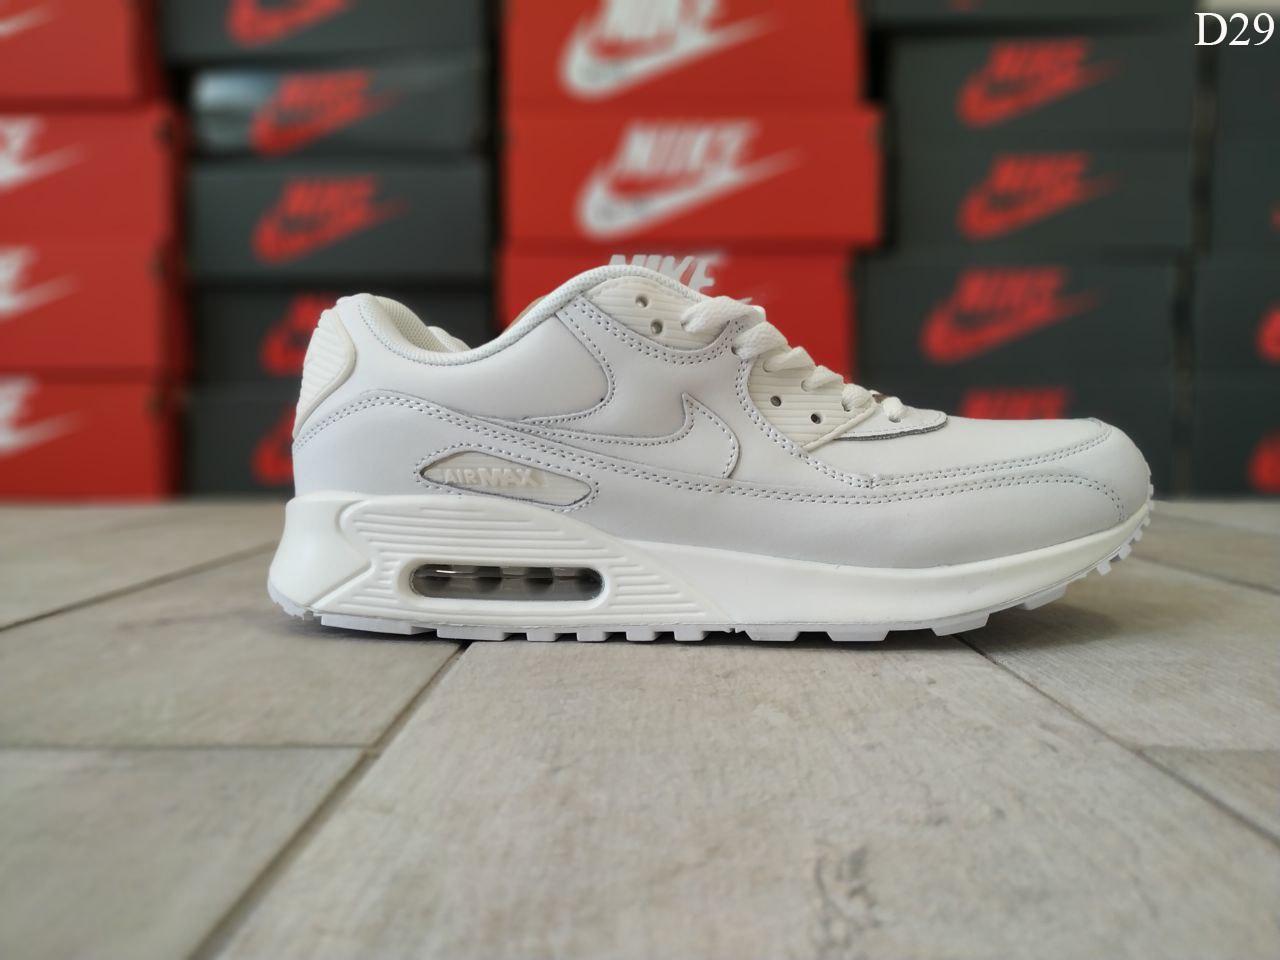 Мужские демисезонные кроссовки Nike Air Max 90 (Белые) D29